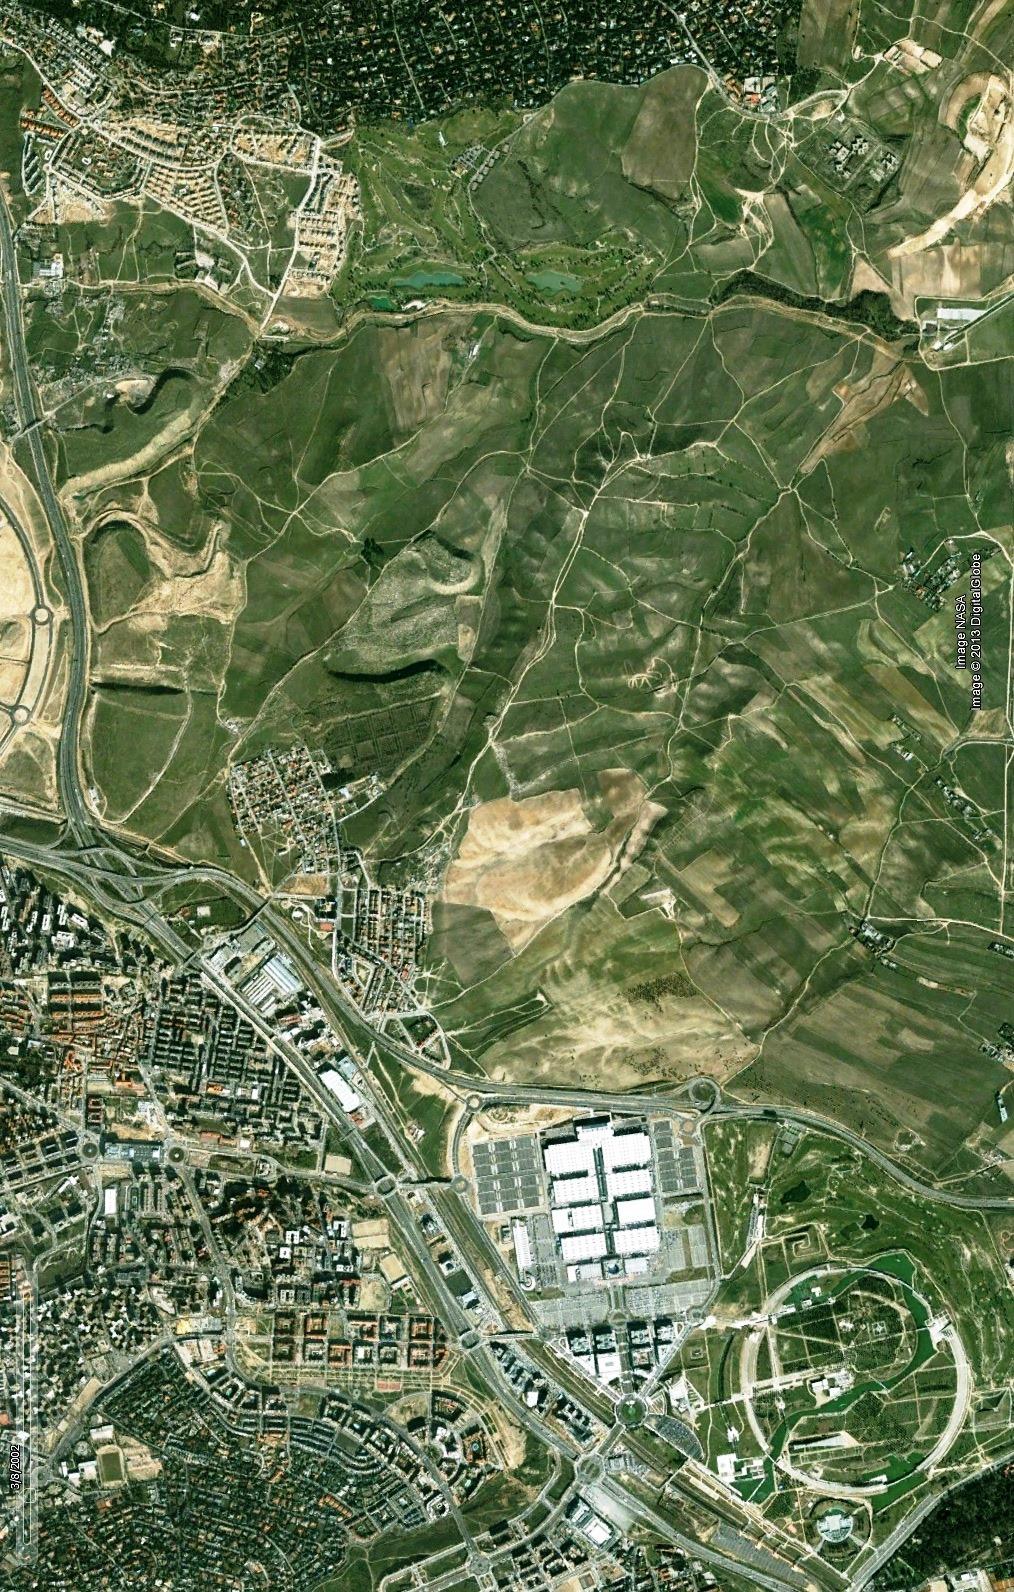 antes, urbanismo, foto aérea, desastre, urbanístico, planeamiento, urbano, construcción, Valdebebas, Madrid, Hautôvia